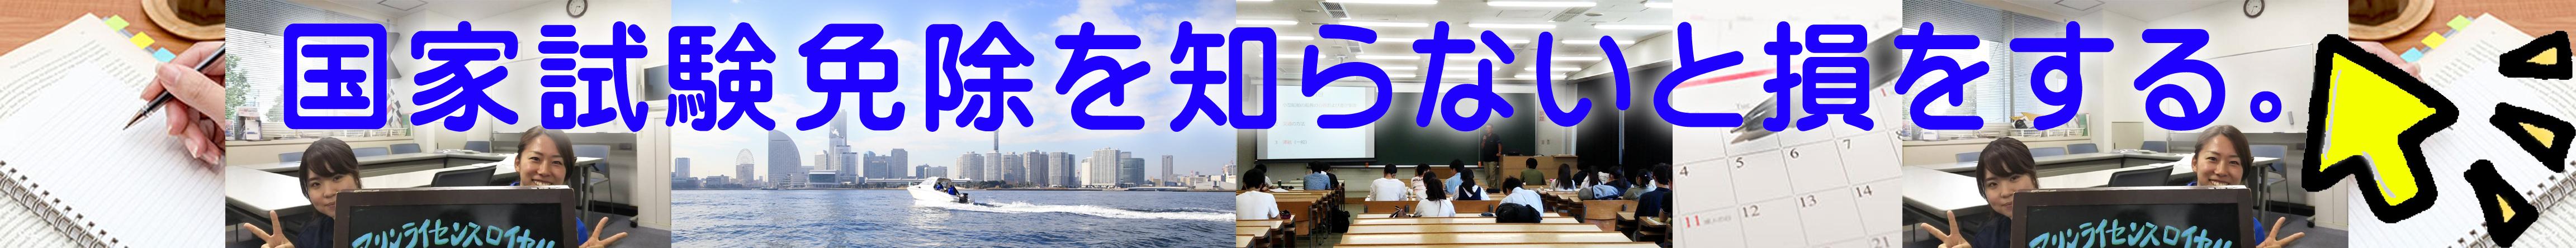 船舶免許 国家試験免除 受験コース 養成コース ボート免許